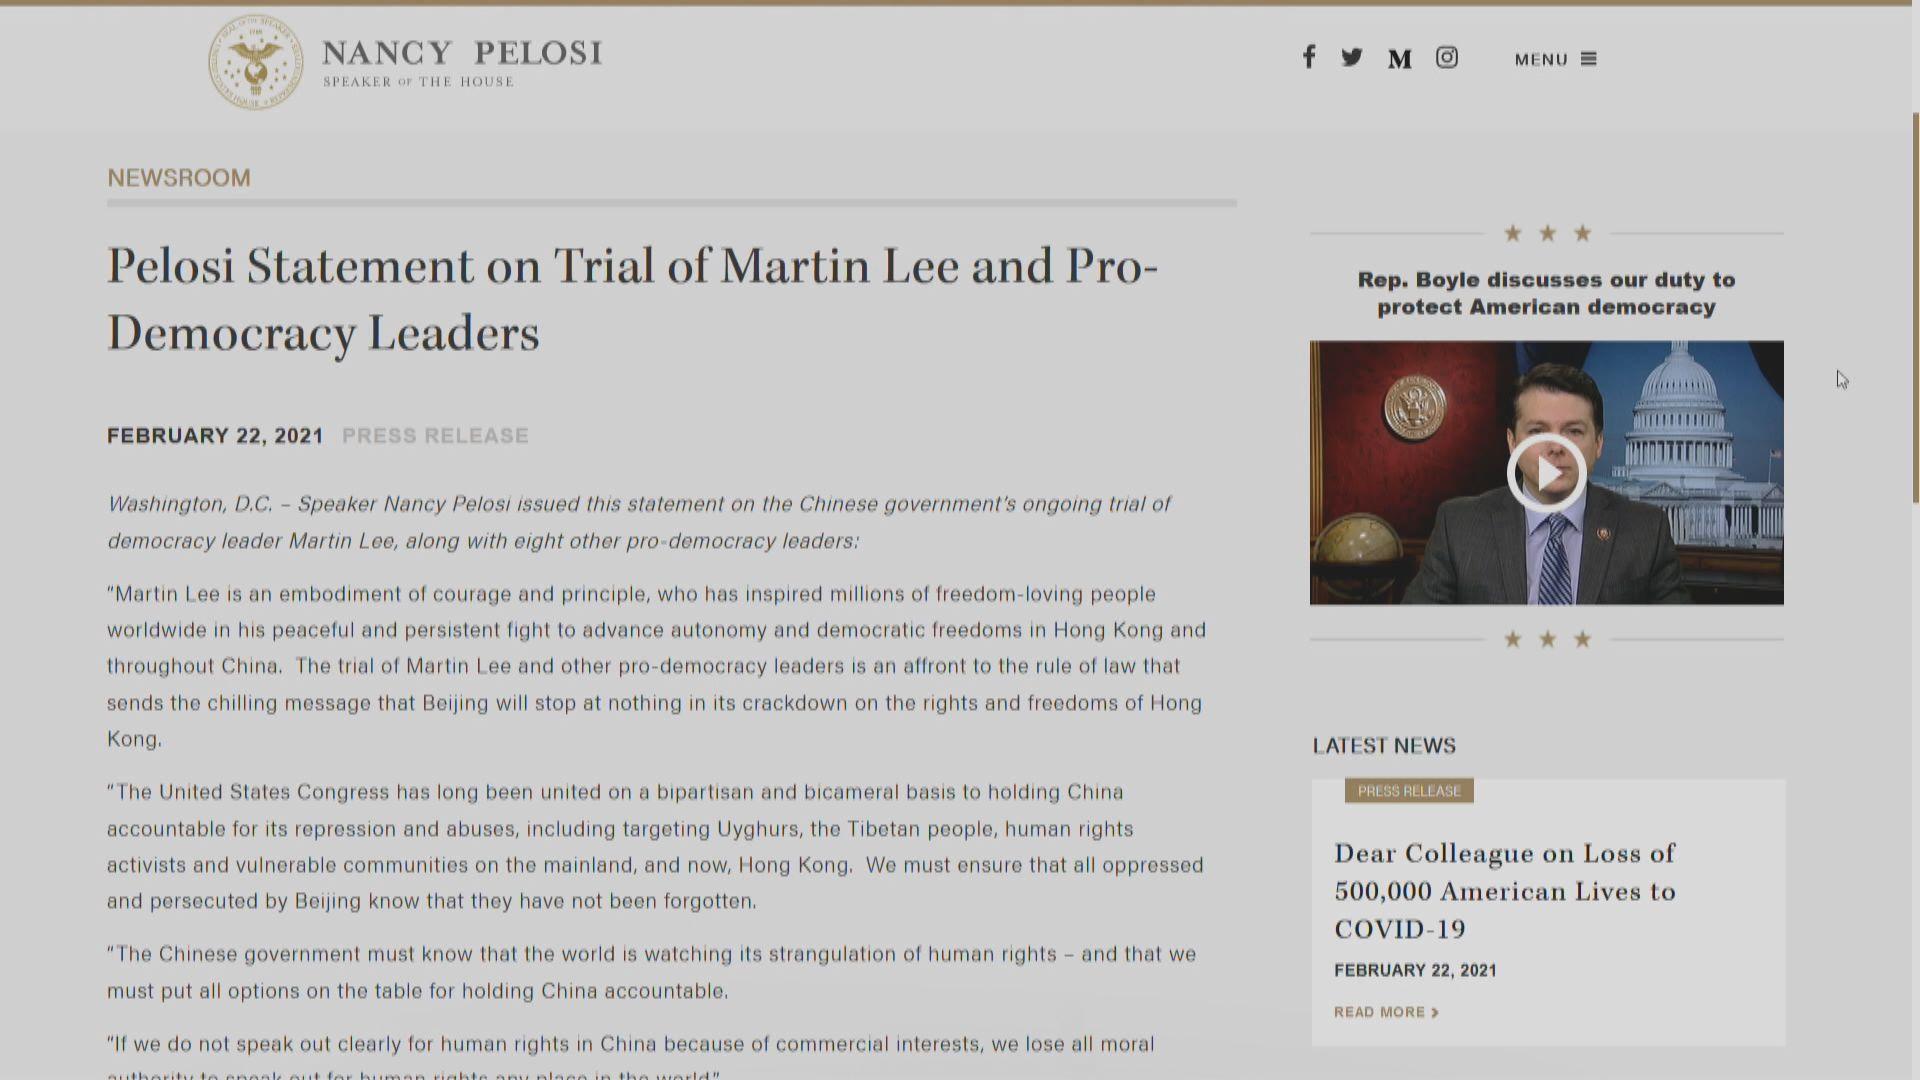 佩洛西關注李柱銘等人案件 籲追究中國責任